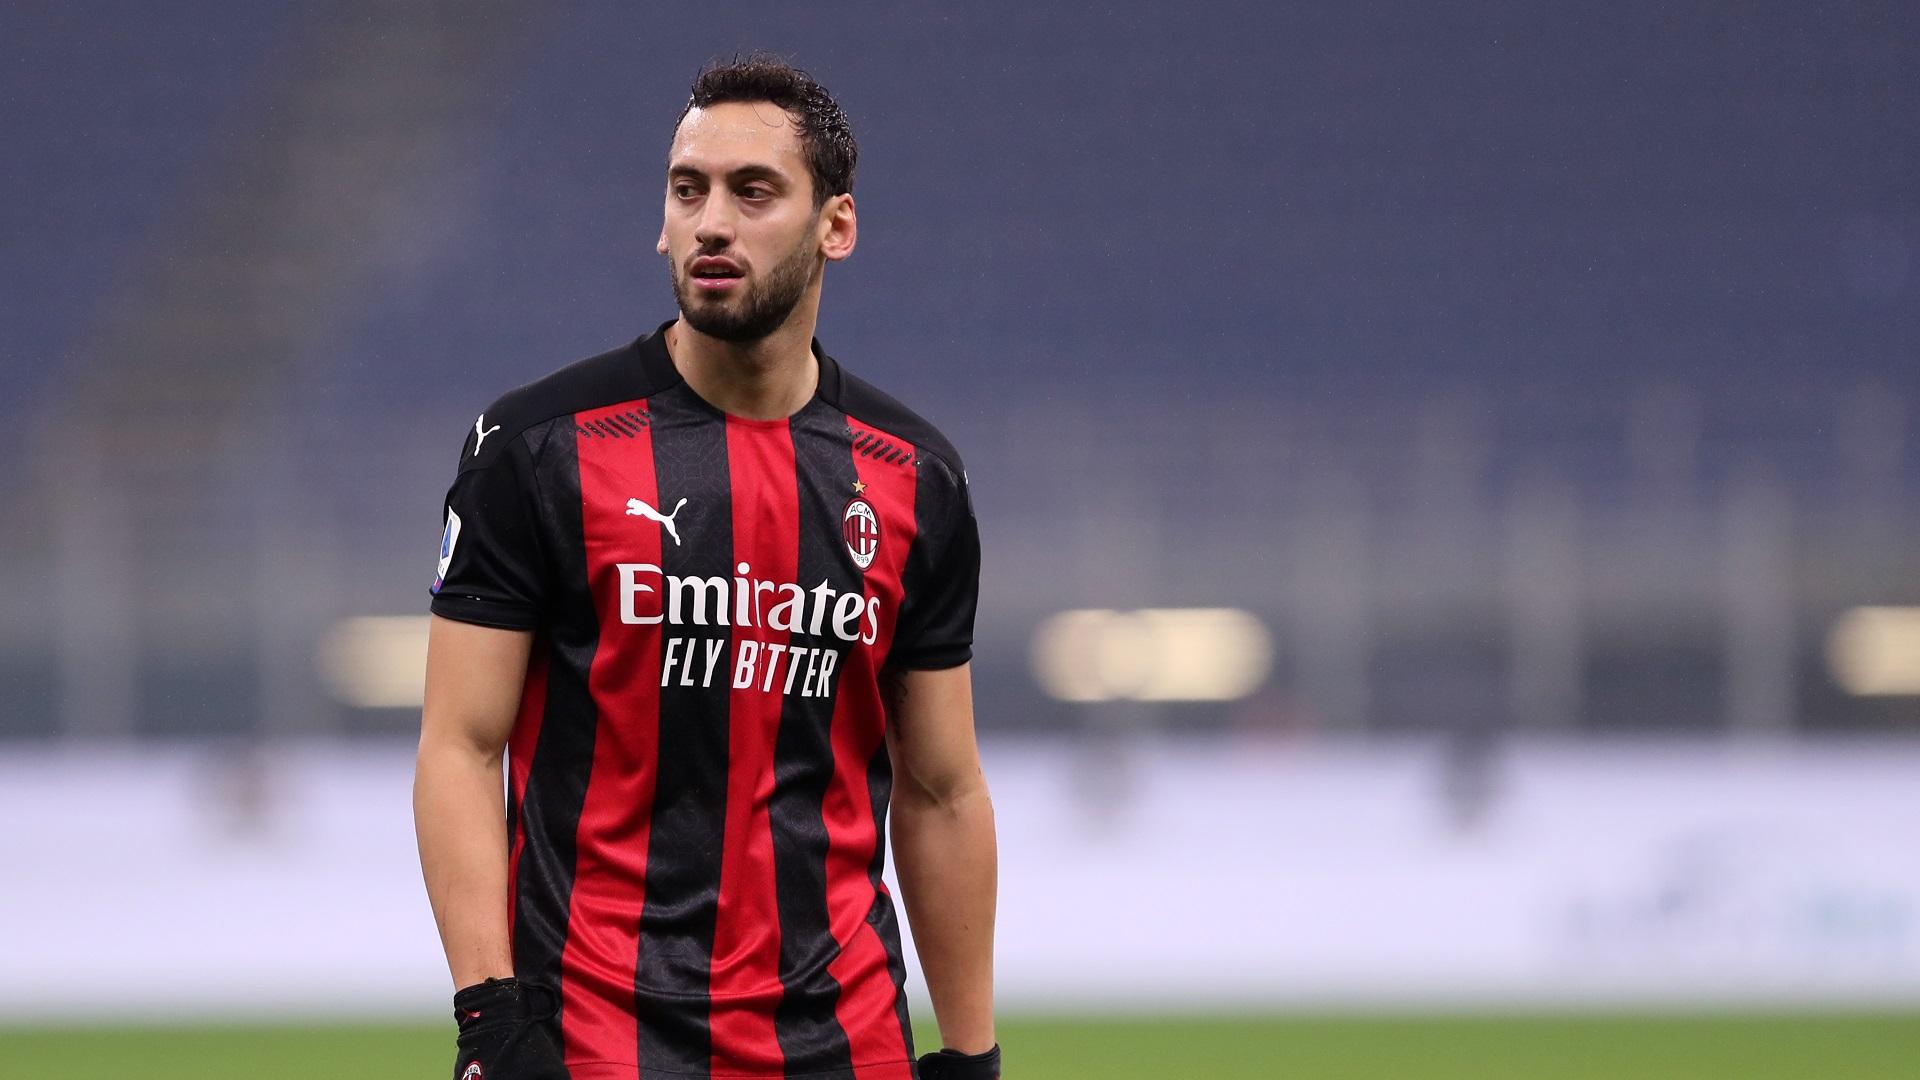 Mercato Milan: novità sul rinnovo di Calhanoglu - Virgilio Sport